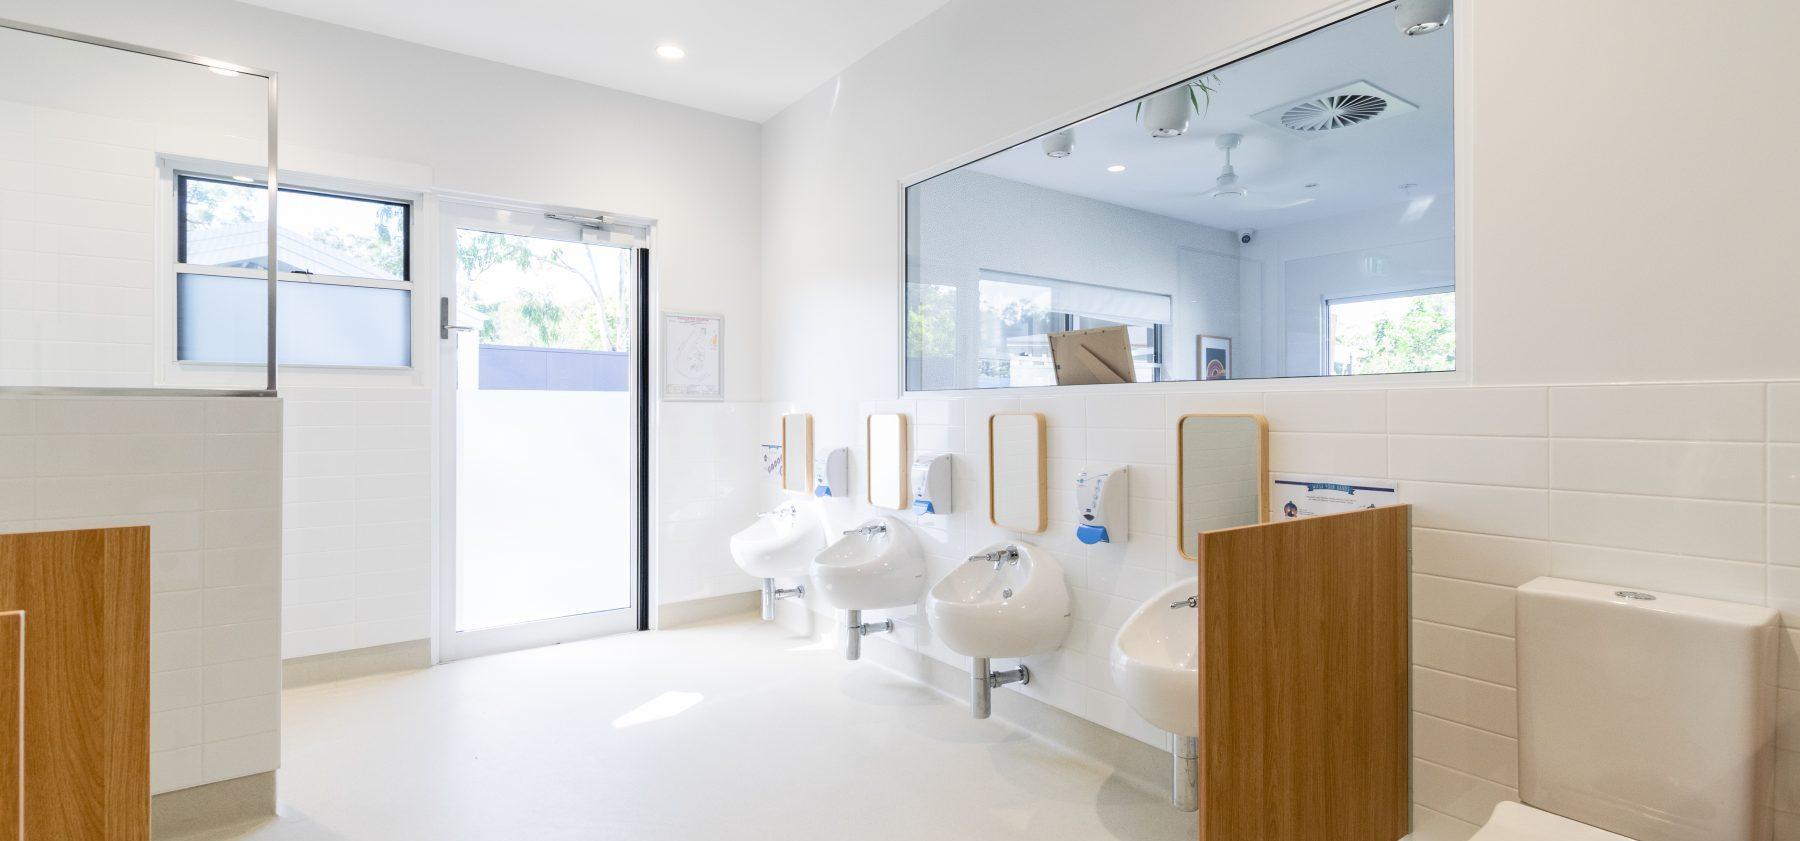 Eden Academy Bardon Interior Bathroom